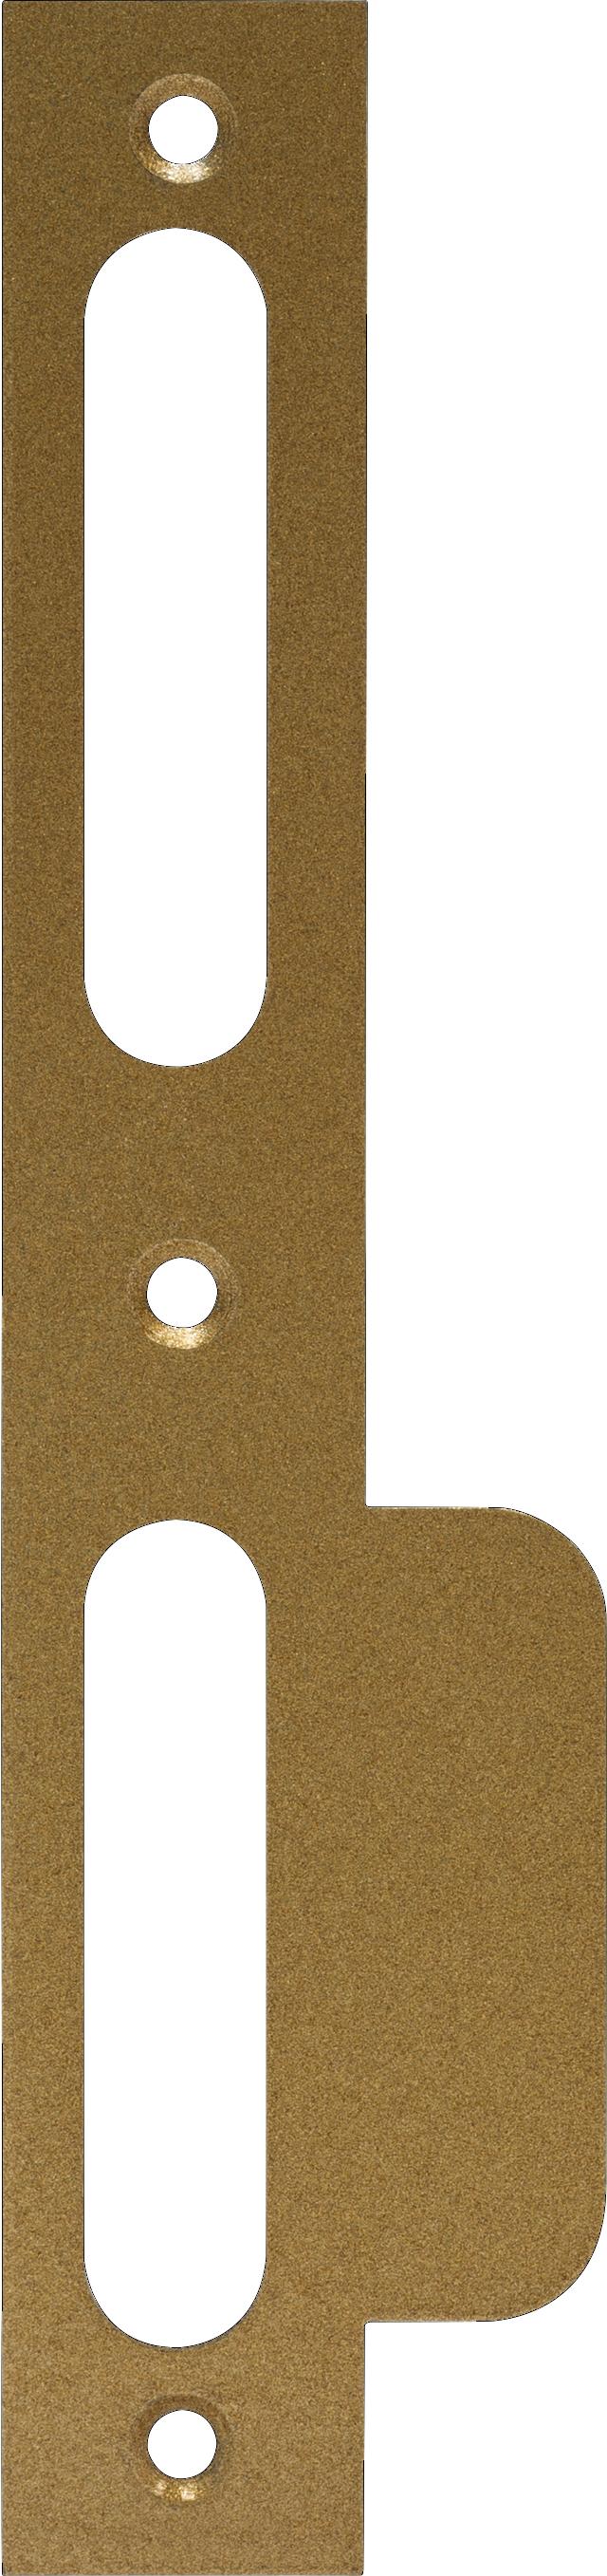 Lappenschließblech LSB170 R G 24